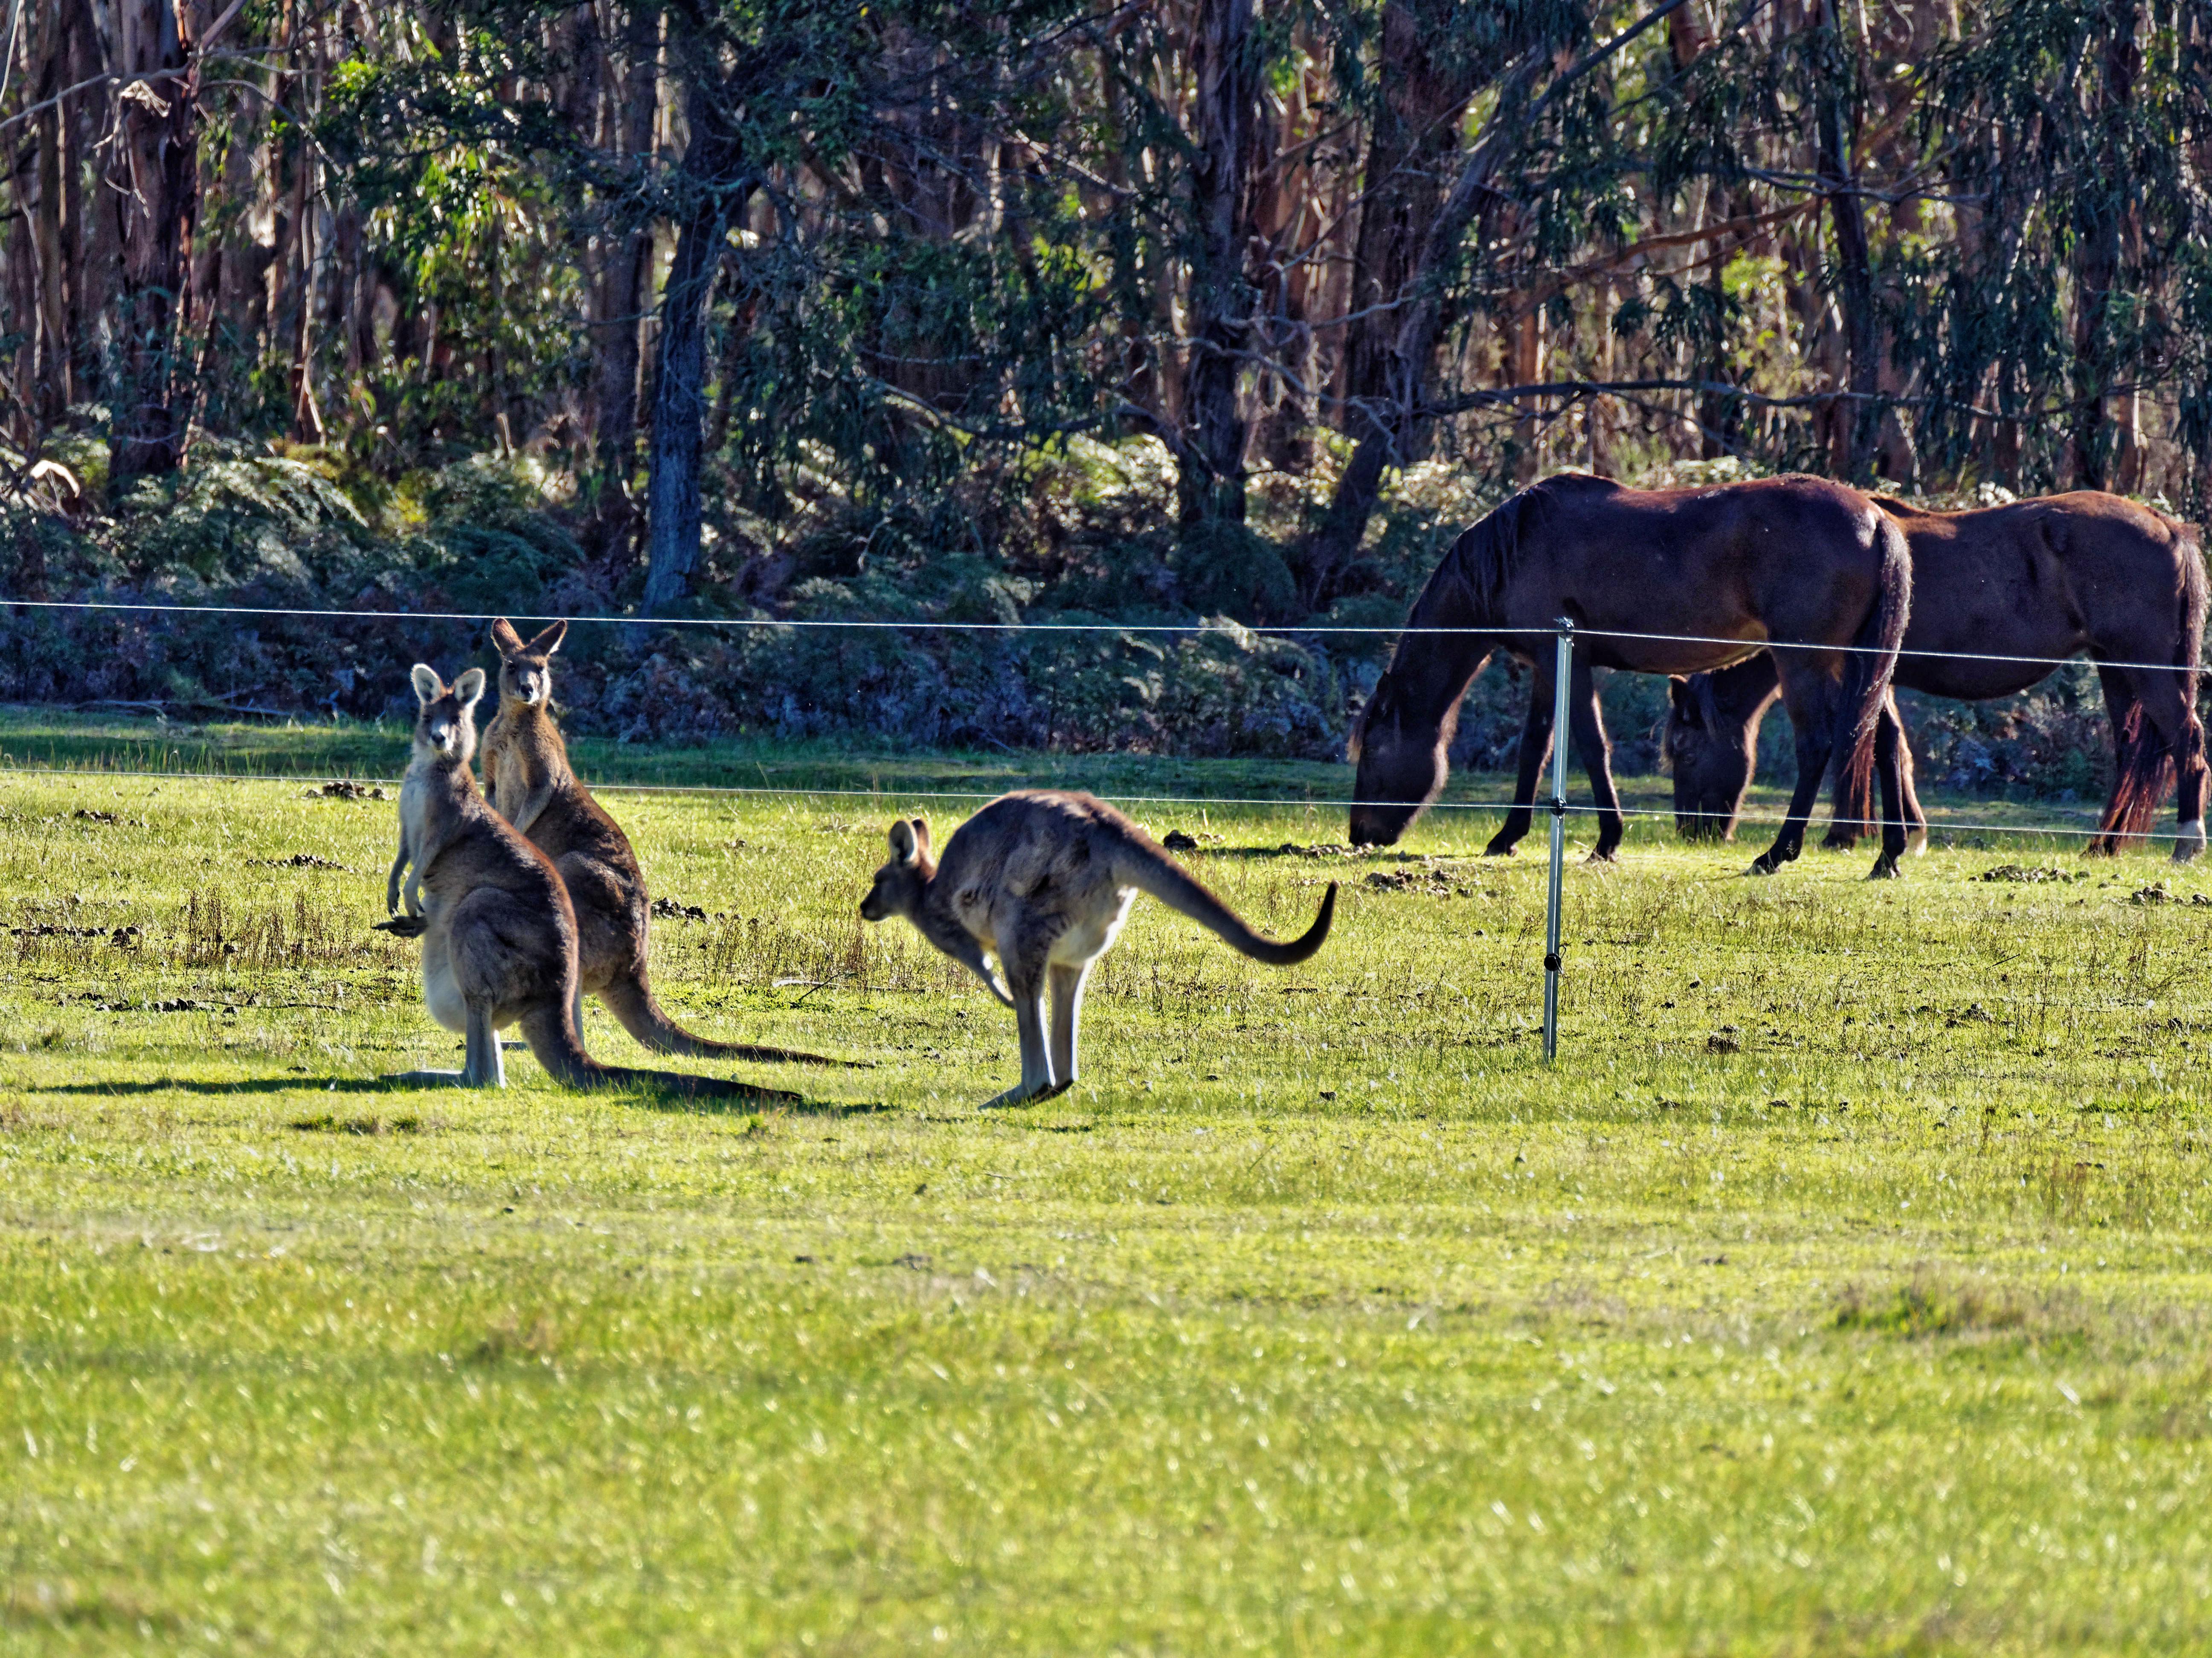 Kangaroos-70.jpeg